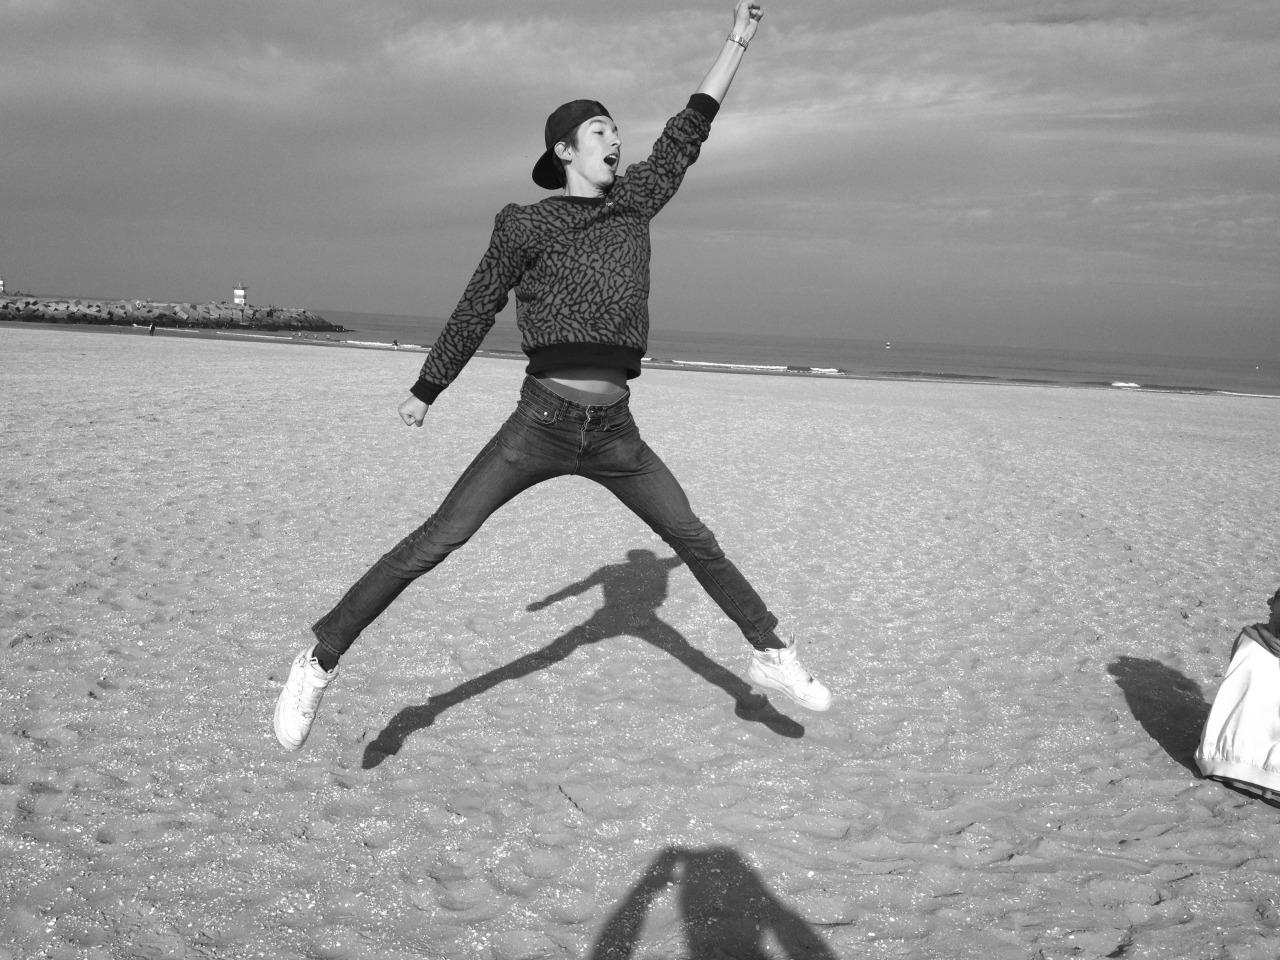 Air Jordan — by Sam Skolnik